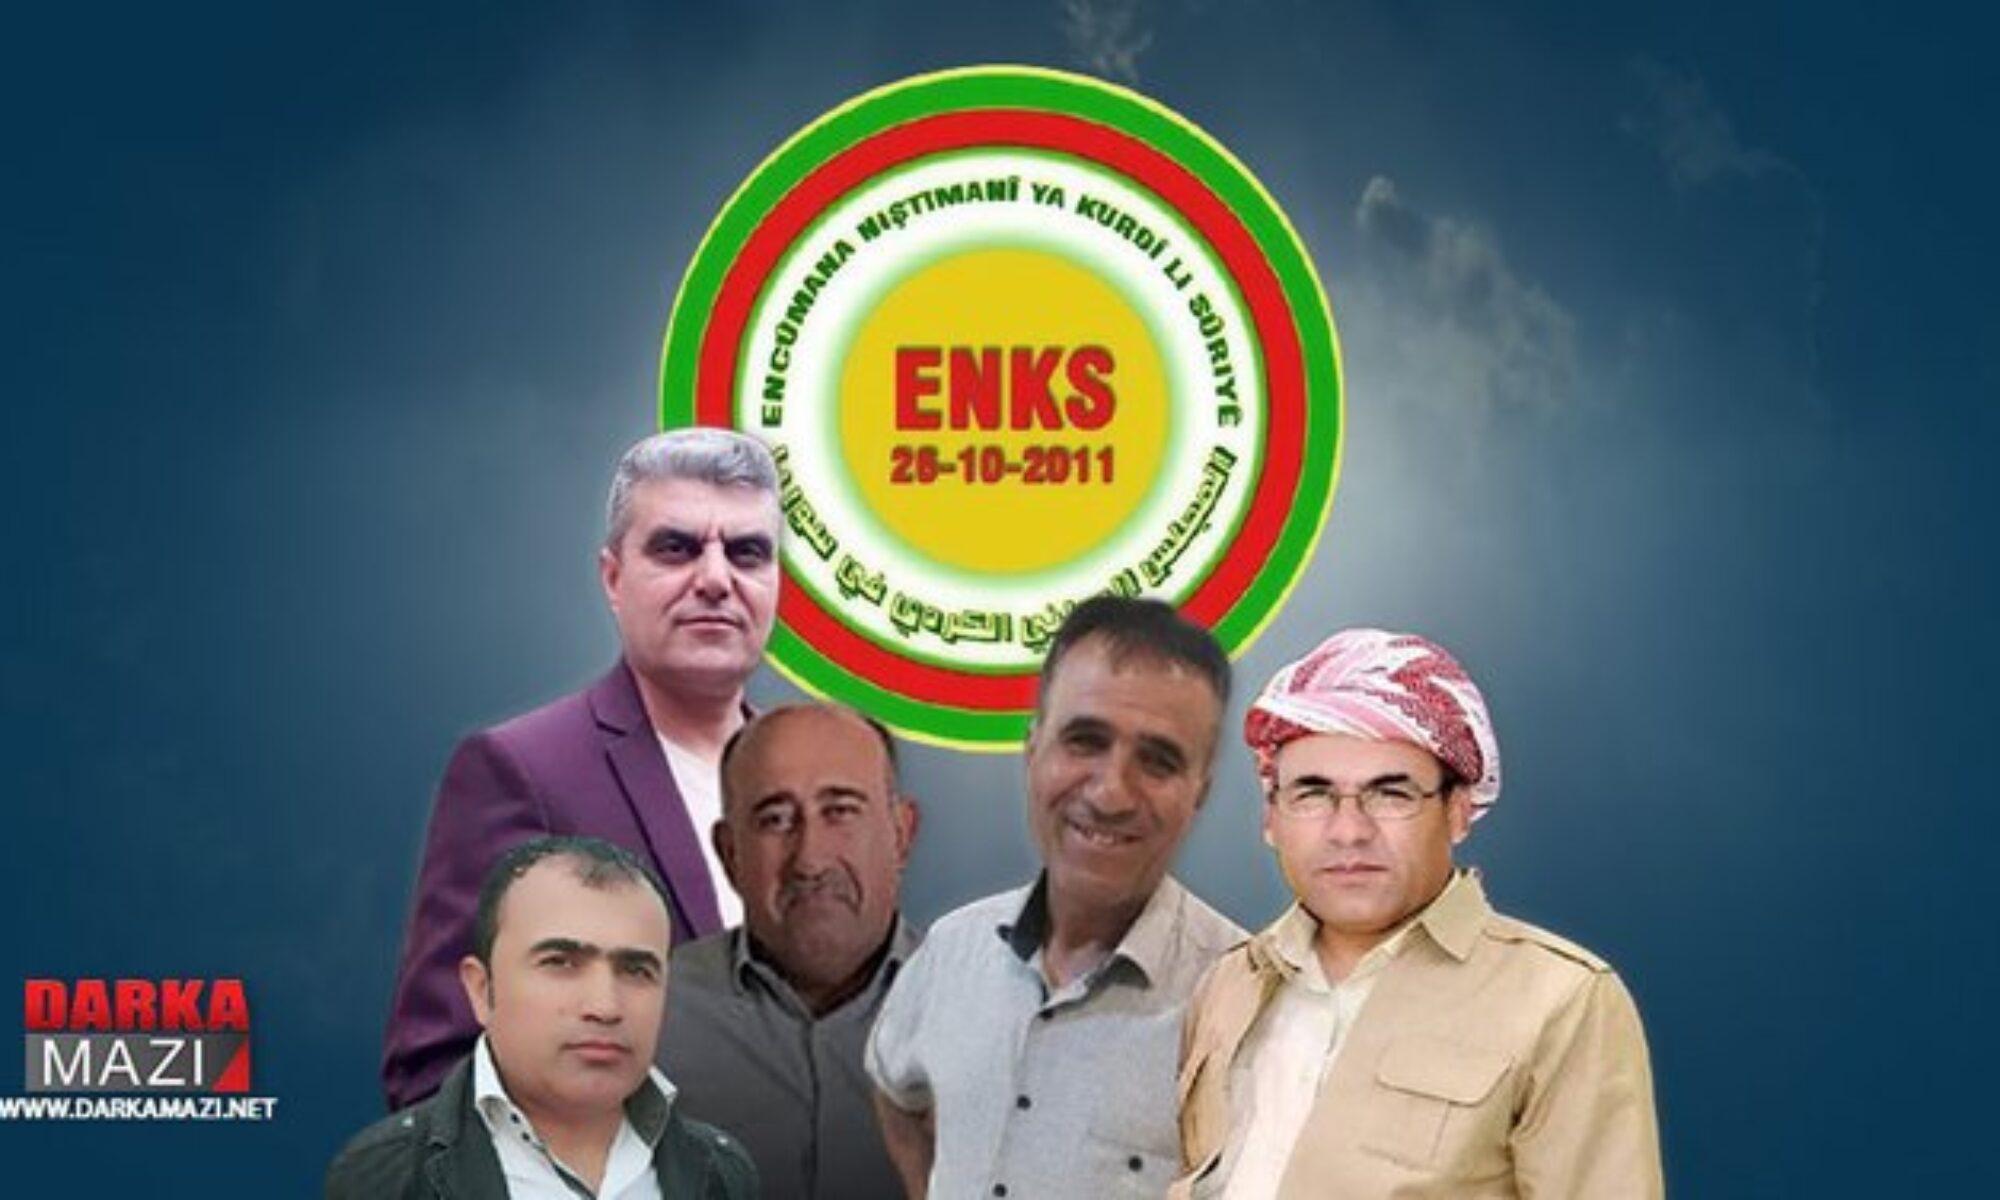 ENKS:Üyelerimizin kaçırılması Kürt diyaloğunu bitirmeye yöneliktir HSD, Amerika, Kürt Diyaloğu